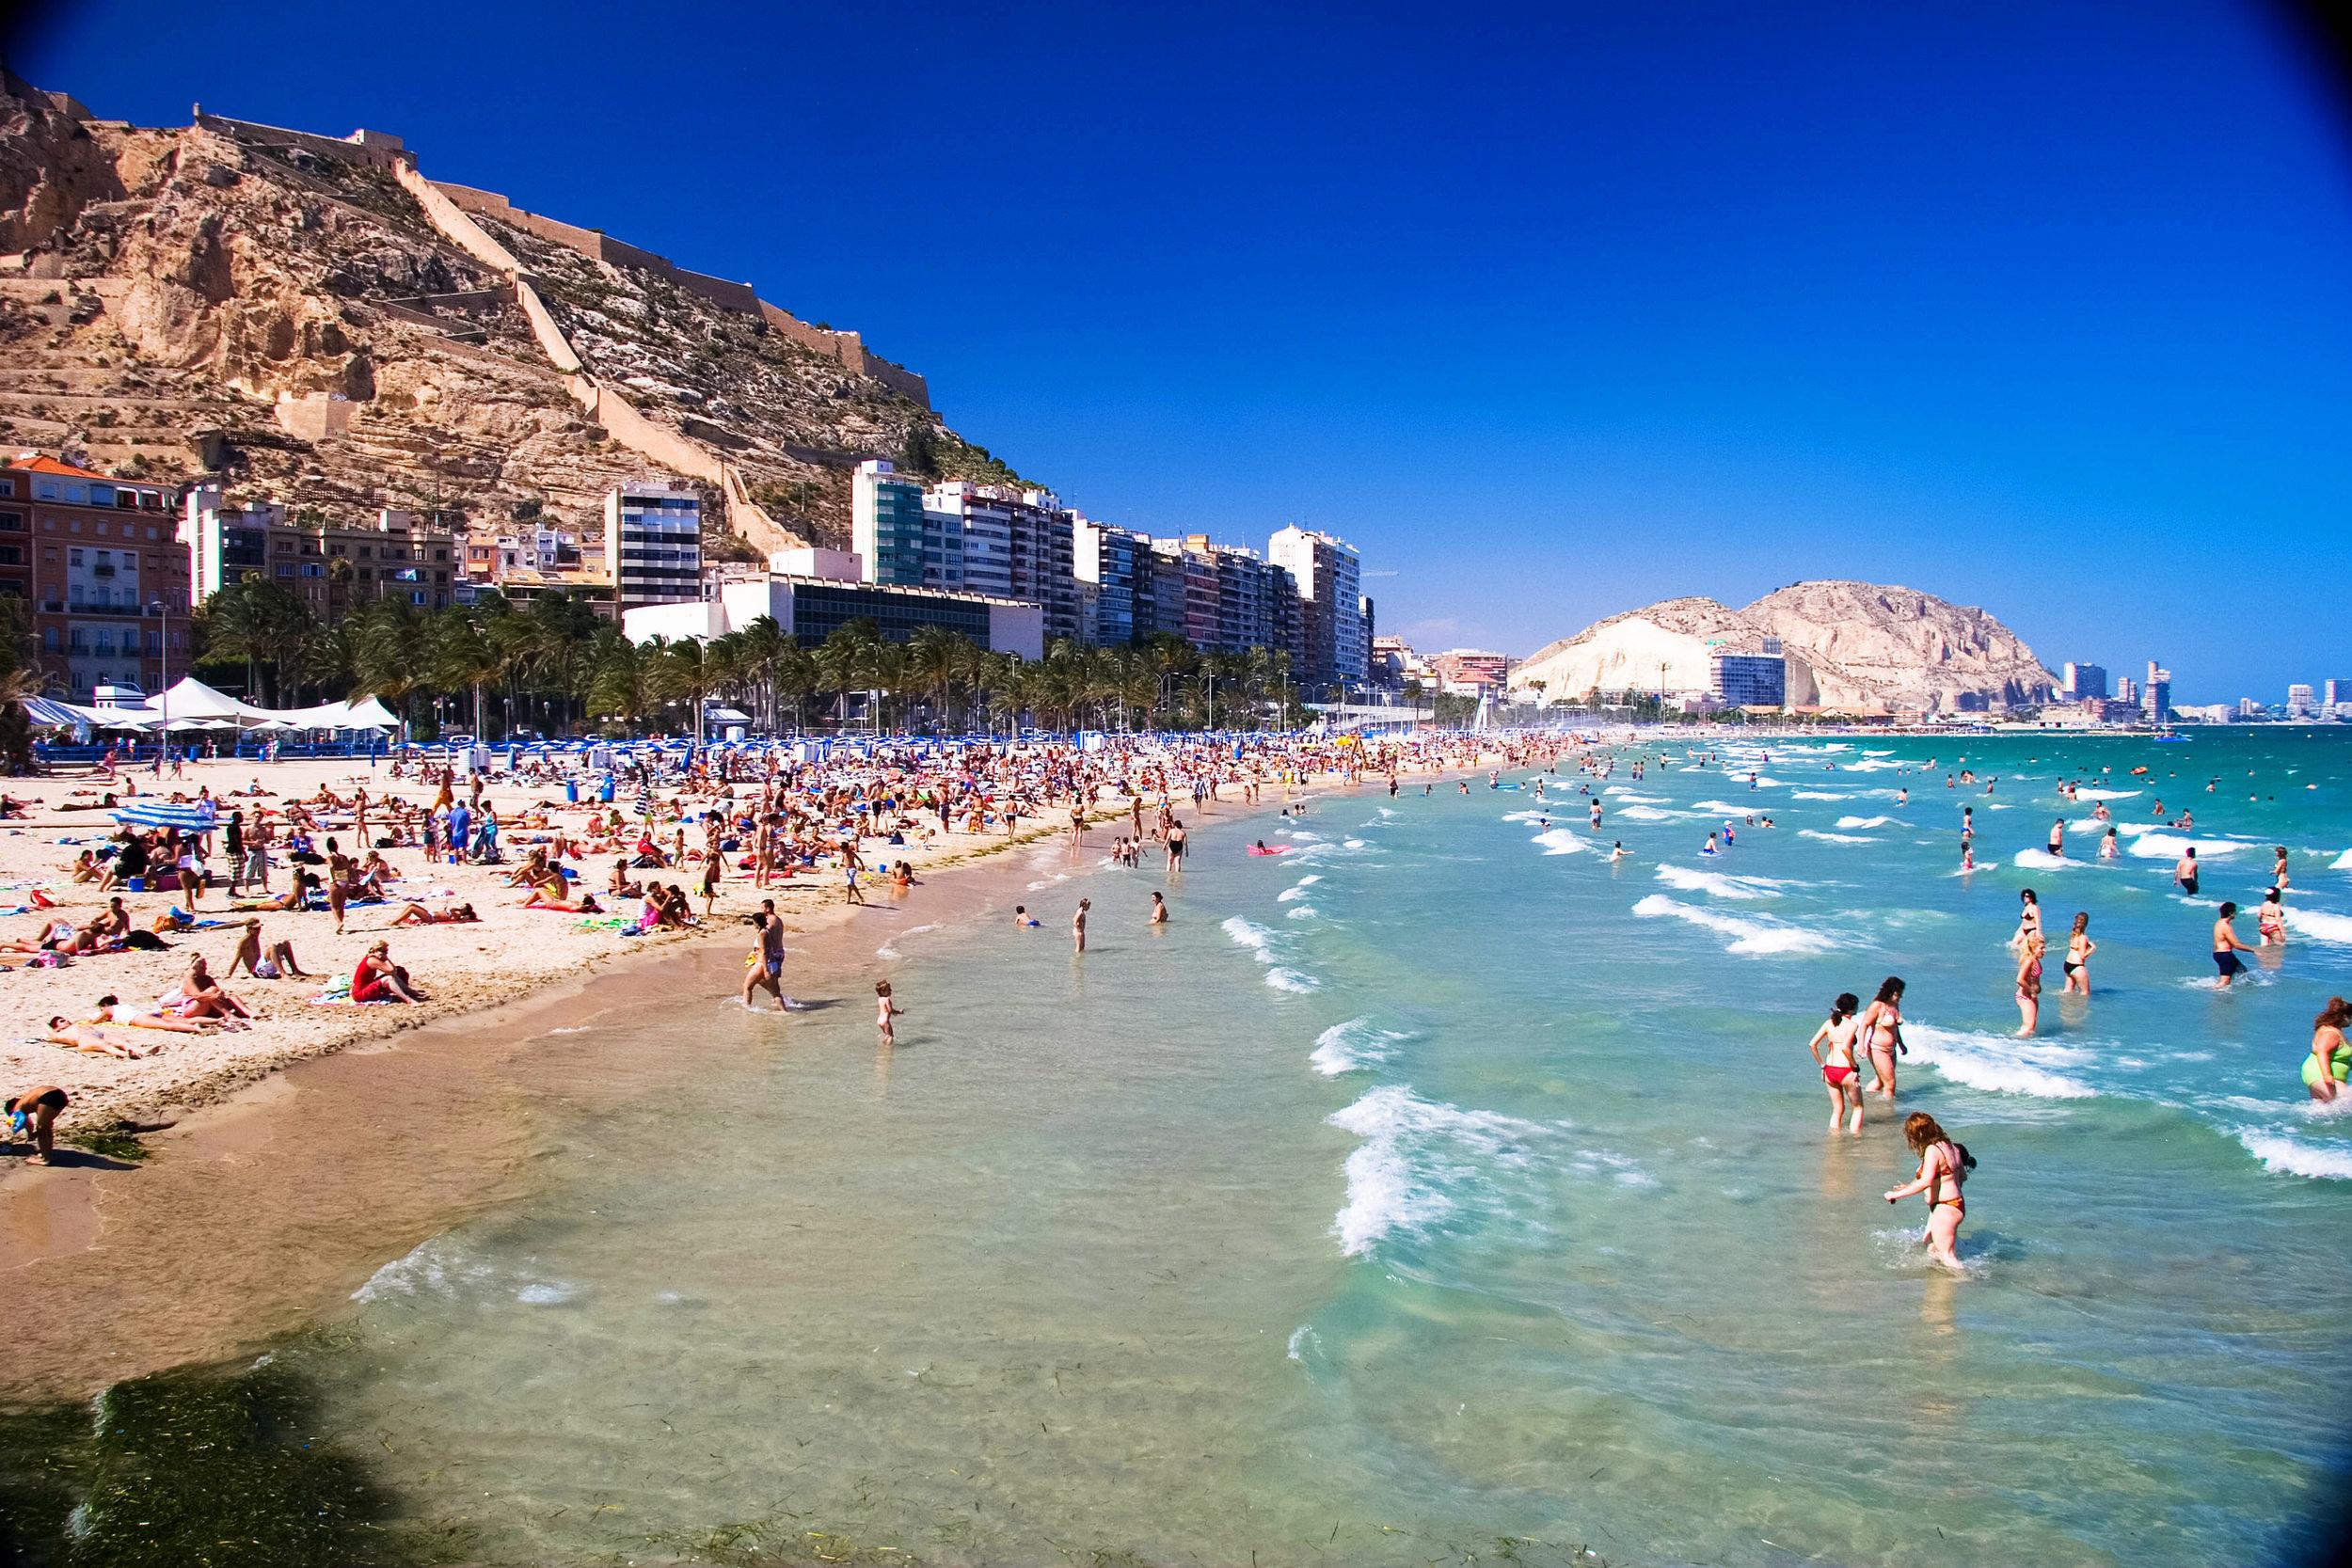 Mid day swim on the public beach. Alicante, Spain